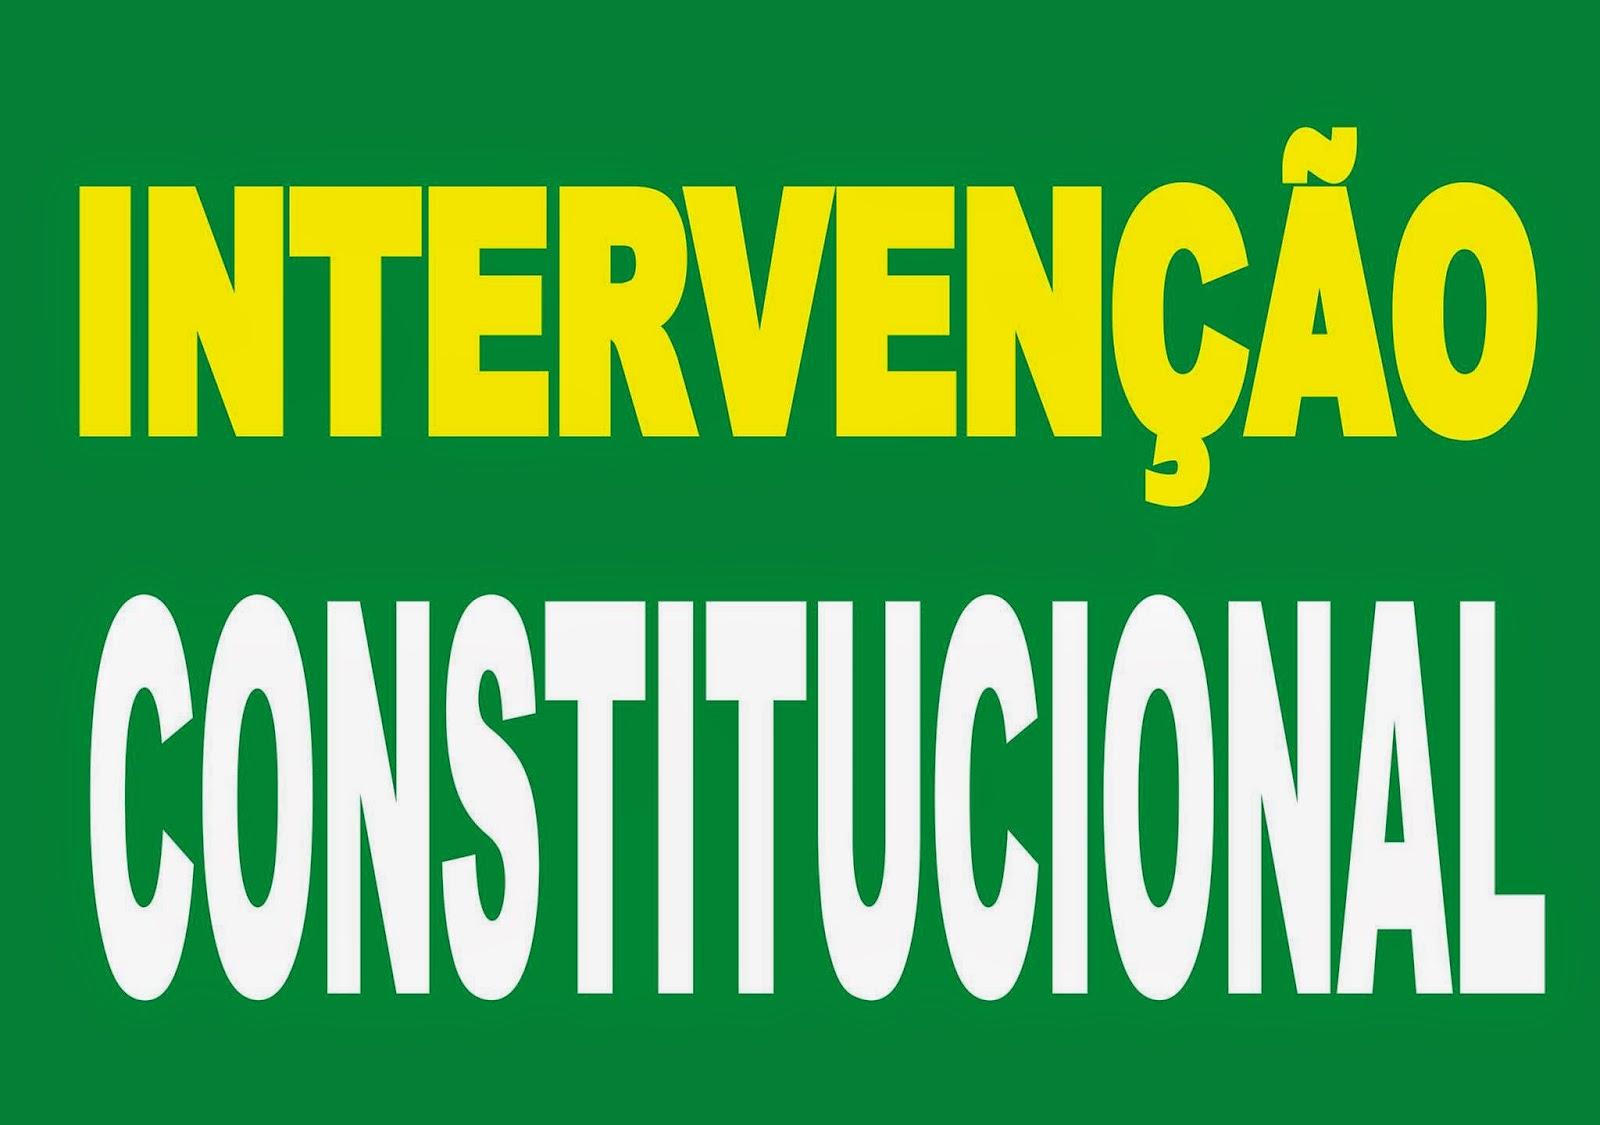 Resultado de imagem para imagem para intervenção constitucional